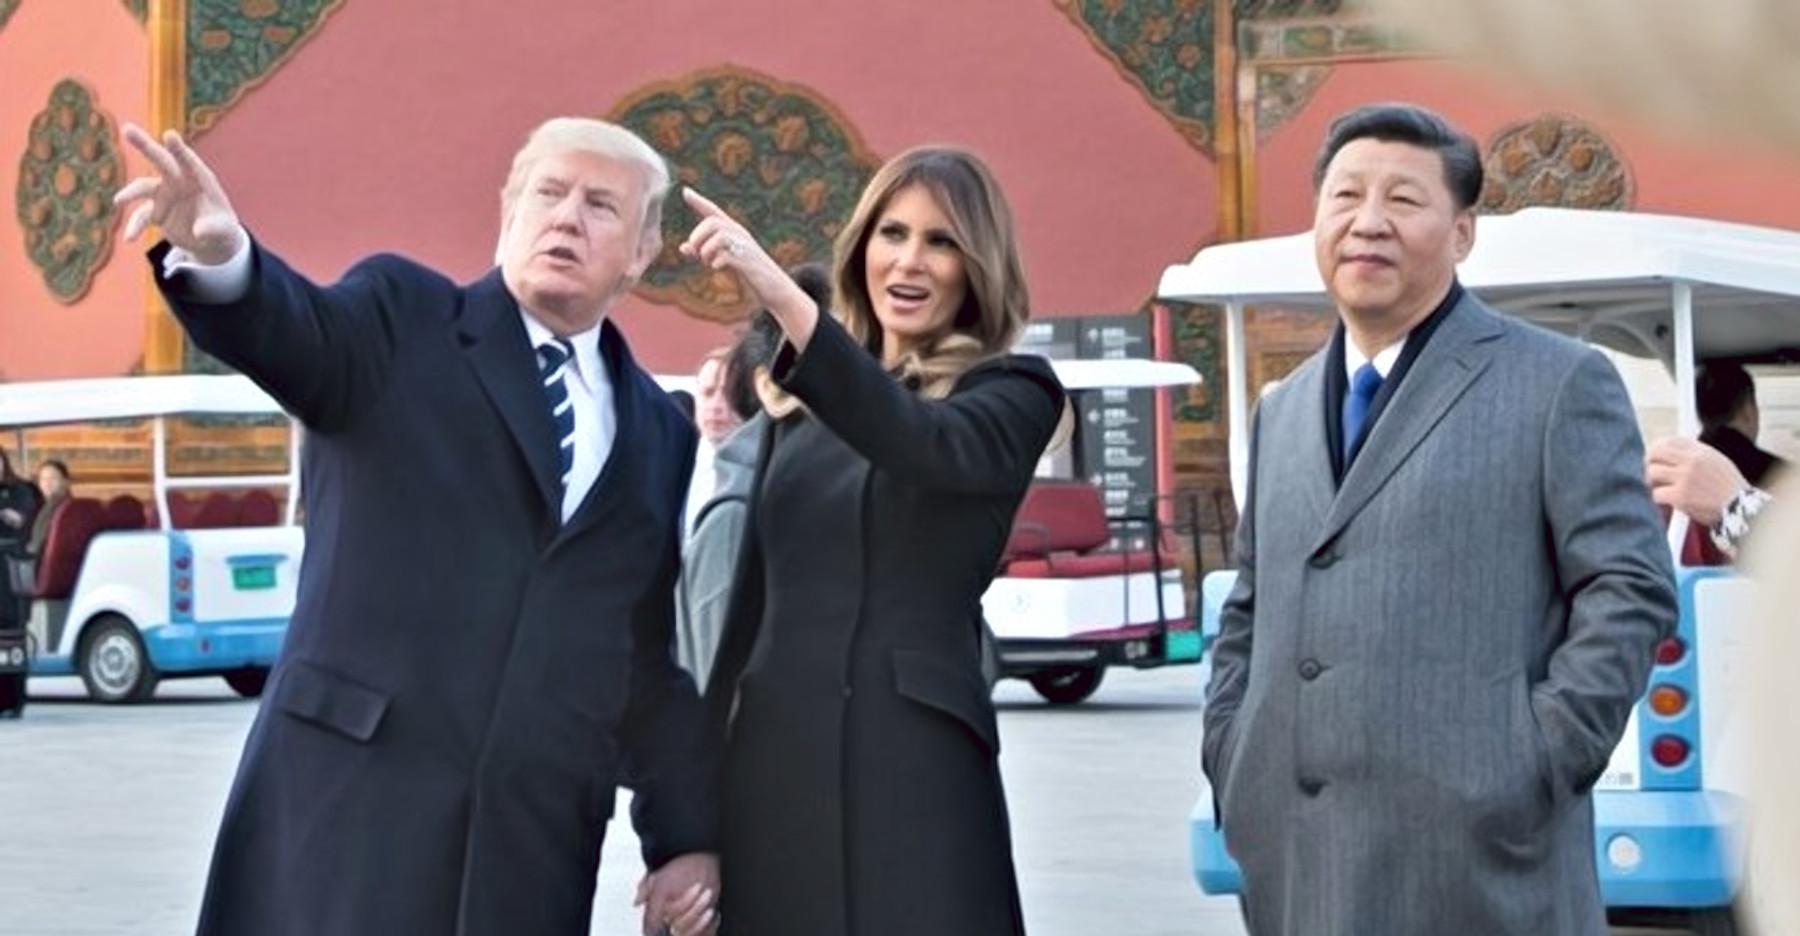 Donald Trump, Melania Trump, Xi Jinping